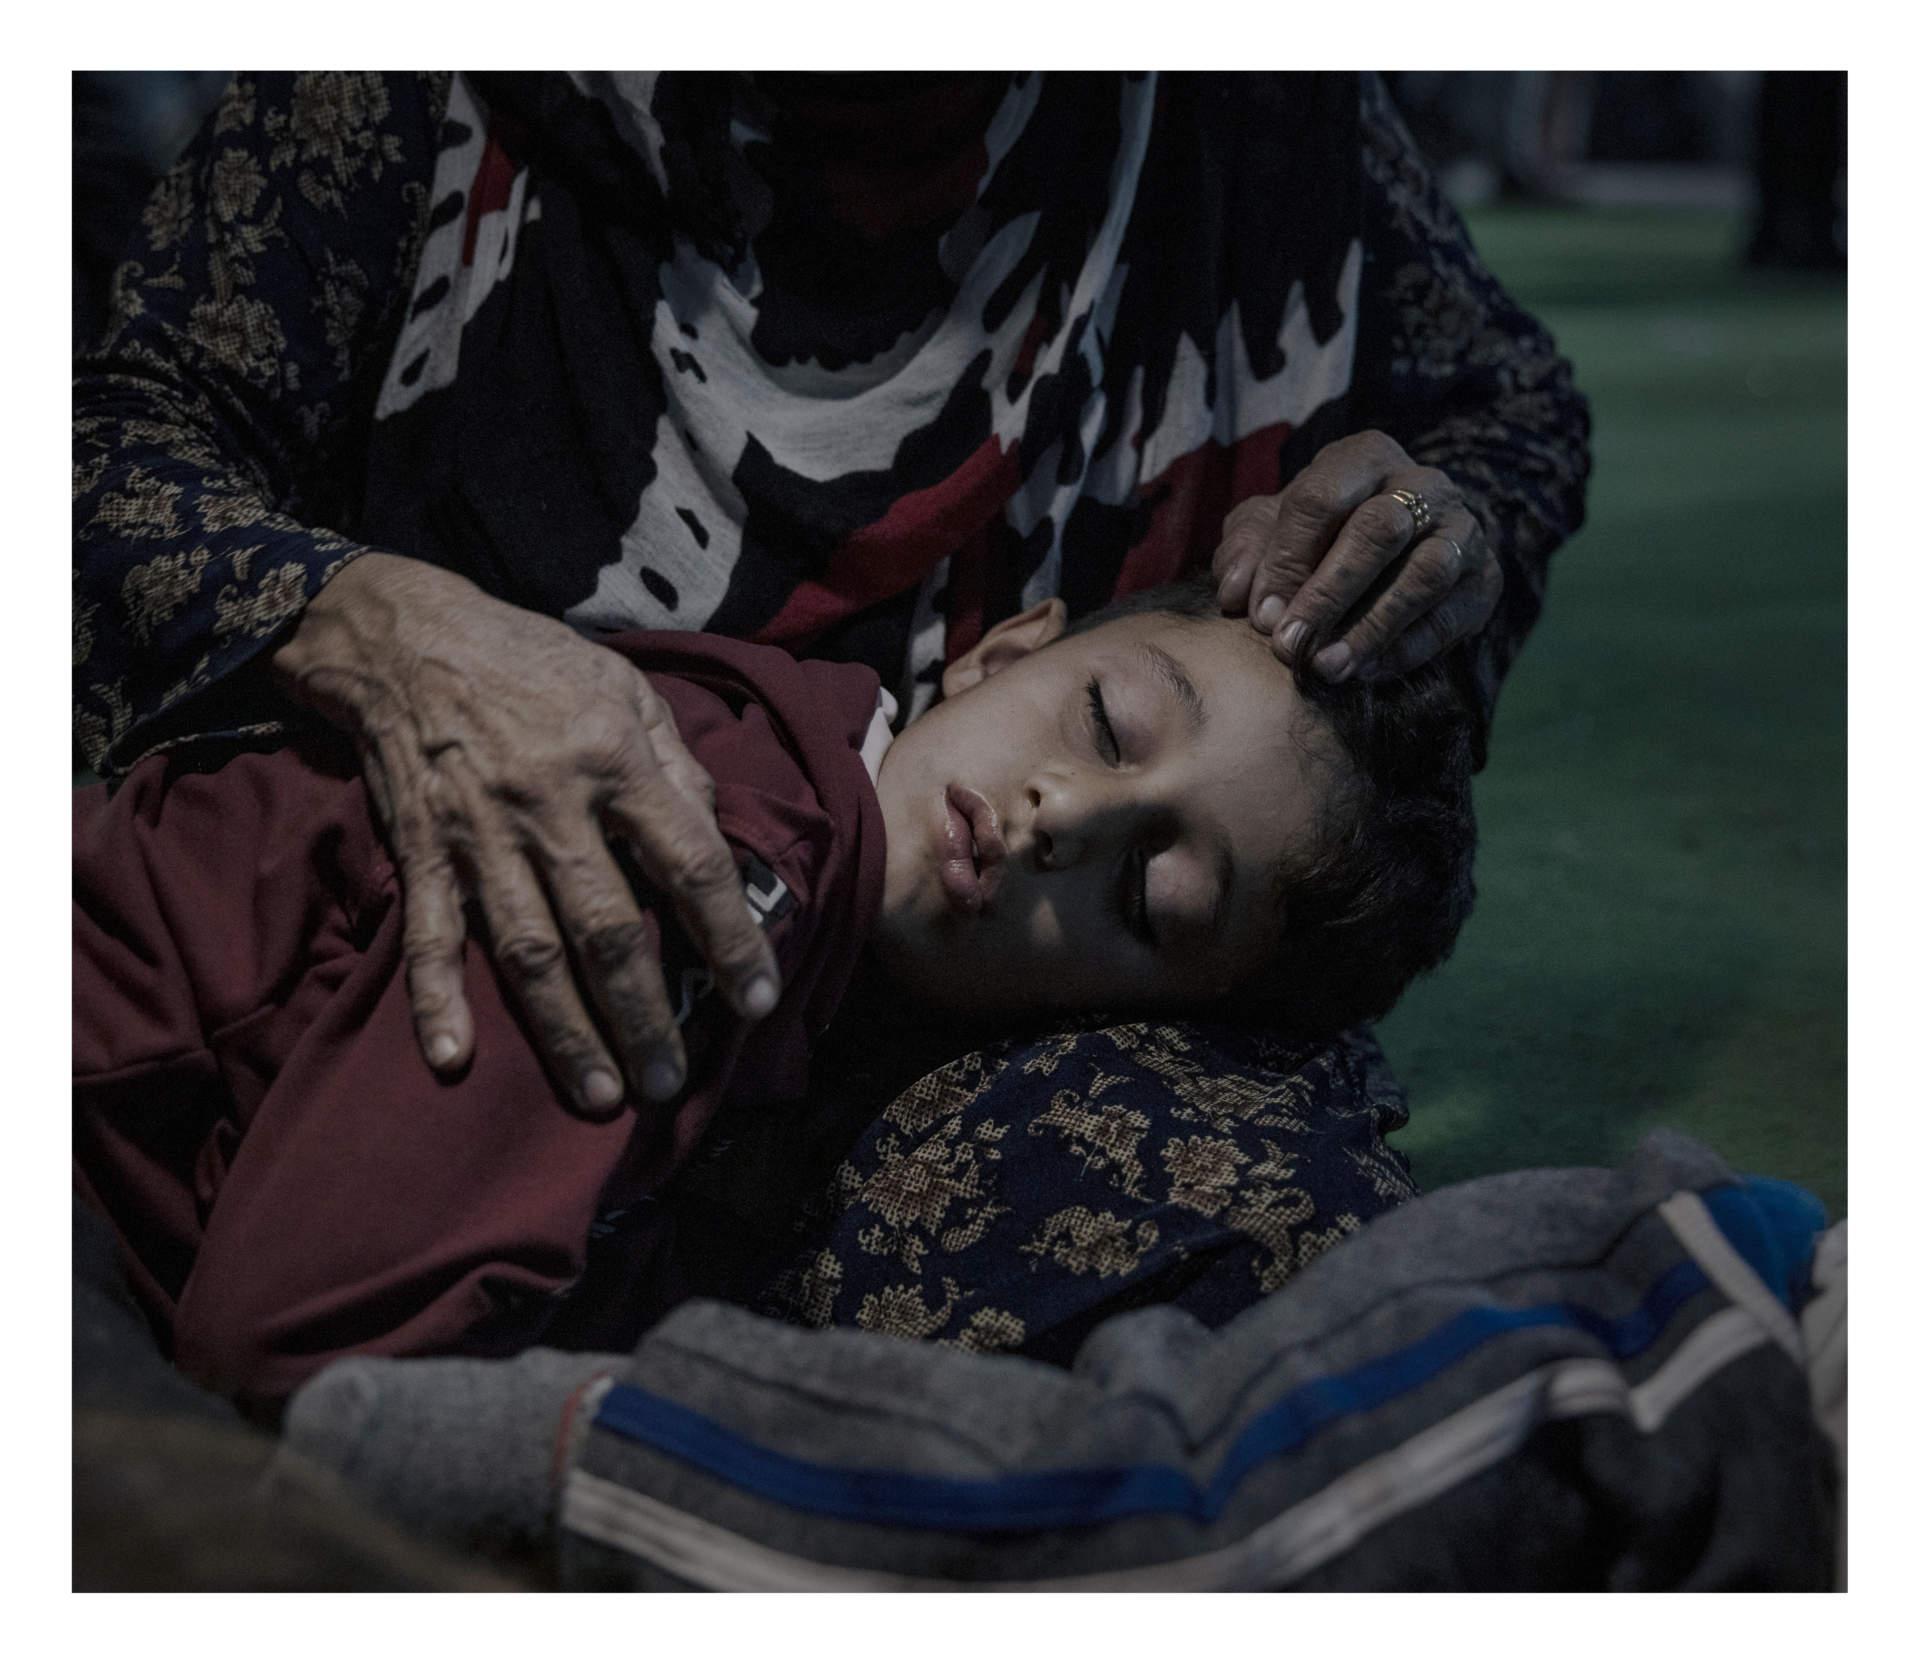 Azdasher, 8 år  BARDARASH, IRAKISKA KURDISTAN. Tre dagar efter att Donald Trump meddelade att alla amerikanska trupper ska dras tillbaka från nordöstra Syrien inledde Turkiet operationen Fredens källa. Turkiet har attackerat med bombflyg, artilleri och marktrupper i en allians med den Syriska milisen, FSA. Flyktingar vittnar om hur deras kvarter attackerats urskiljningslöst. Flera människorättsorganisationer, bland annat Amnesty, har anklagat Turkiet och dess allierade för direkta krigsbrott. Azdasher, 8 flydde från staden Qamishli i norra Syrien när bomberna började falla. Nu sover han i sin mormors knä i väntan på registrering i flyktinglägret Bardarash i Irakiska Kurdistan.